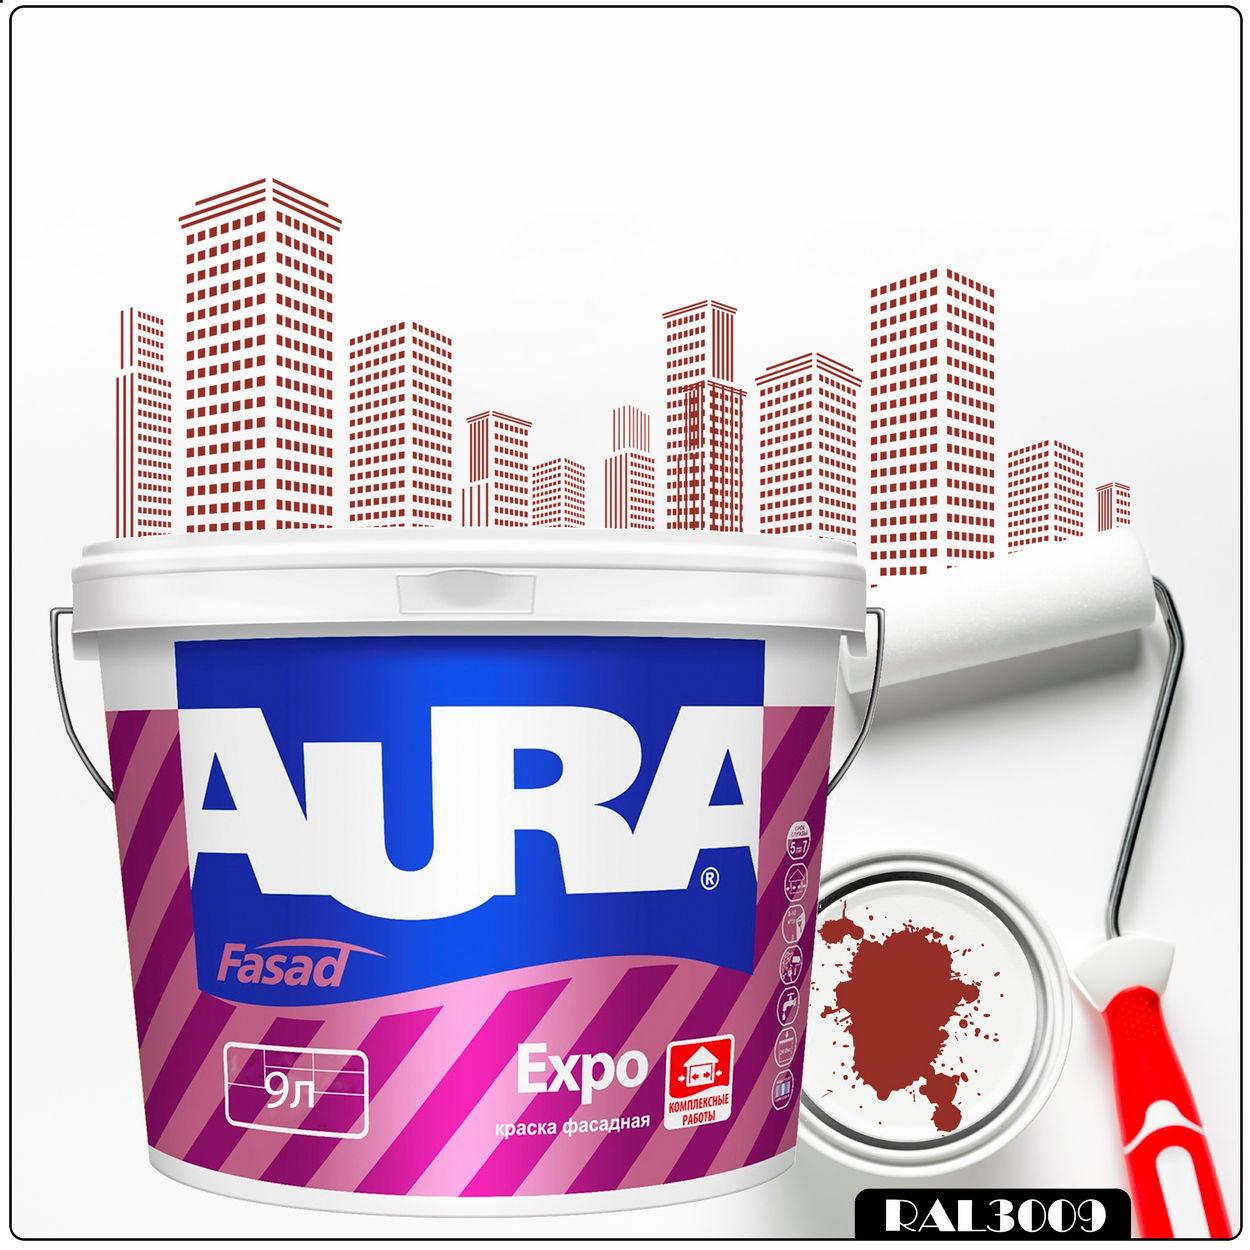 Фото 8 - Краска Aura Fasad Expo, RAL 3009 Оксидно-красный, матовая, для фасадов и помещений с повышенной влажностью, 9л.